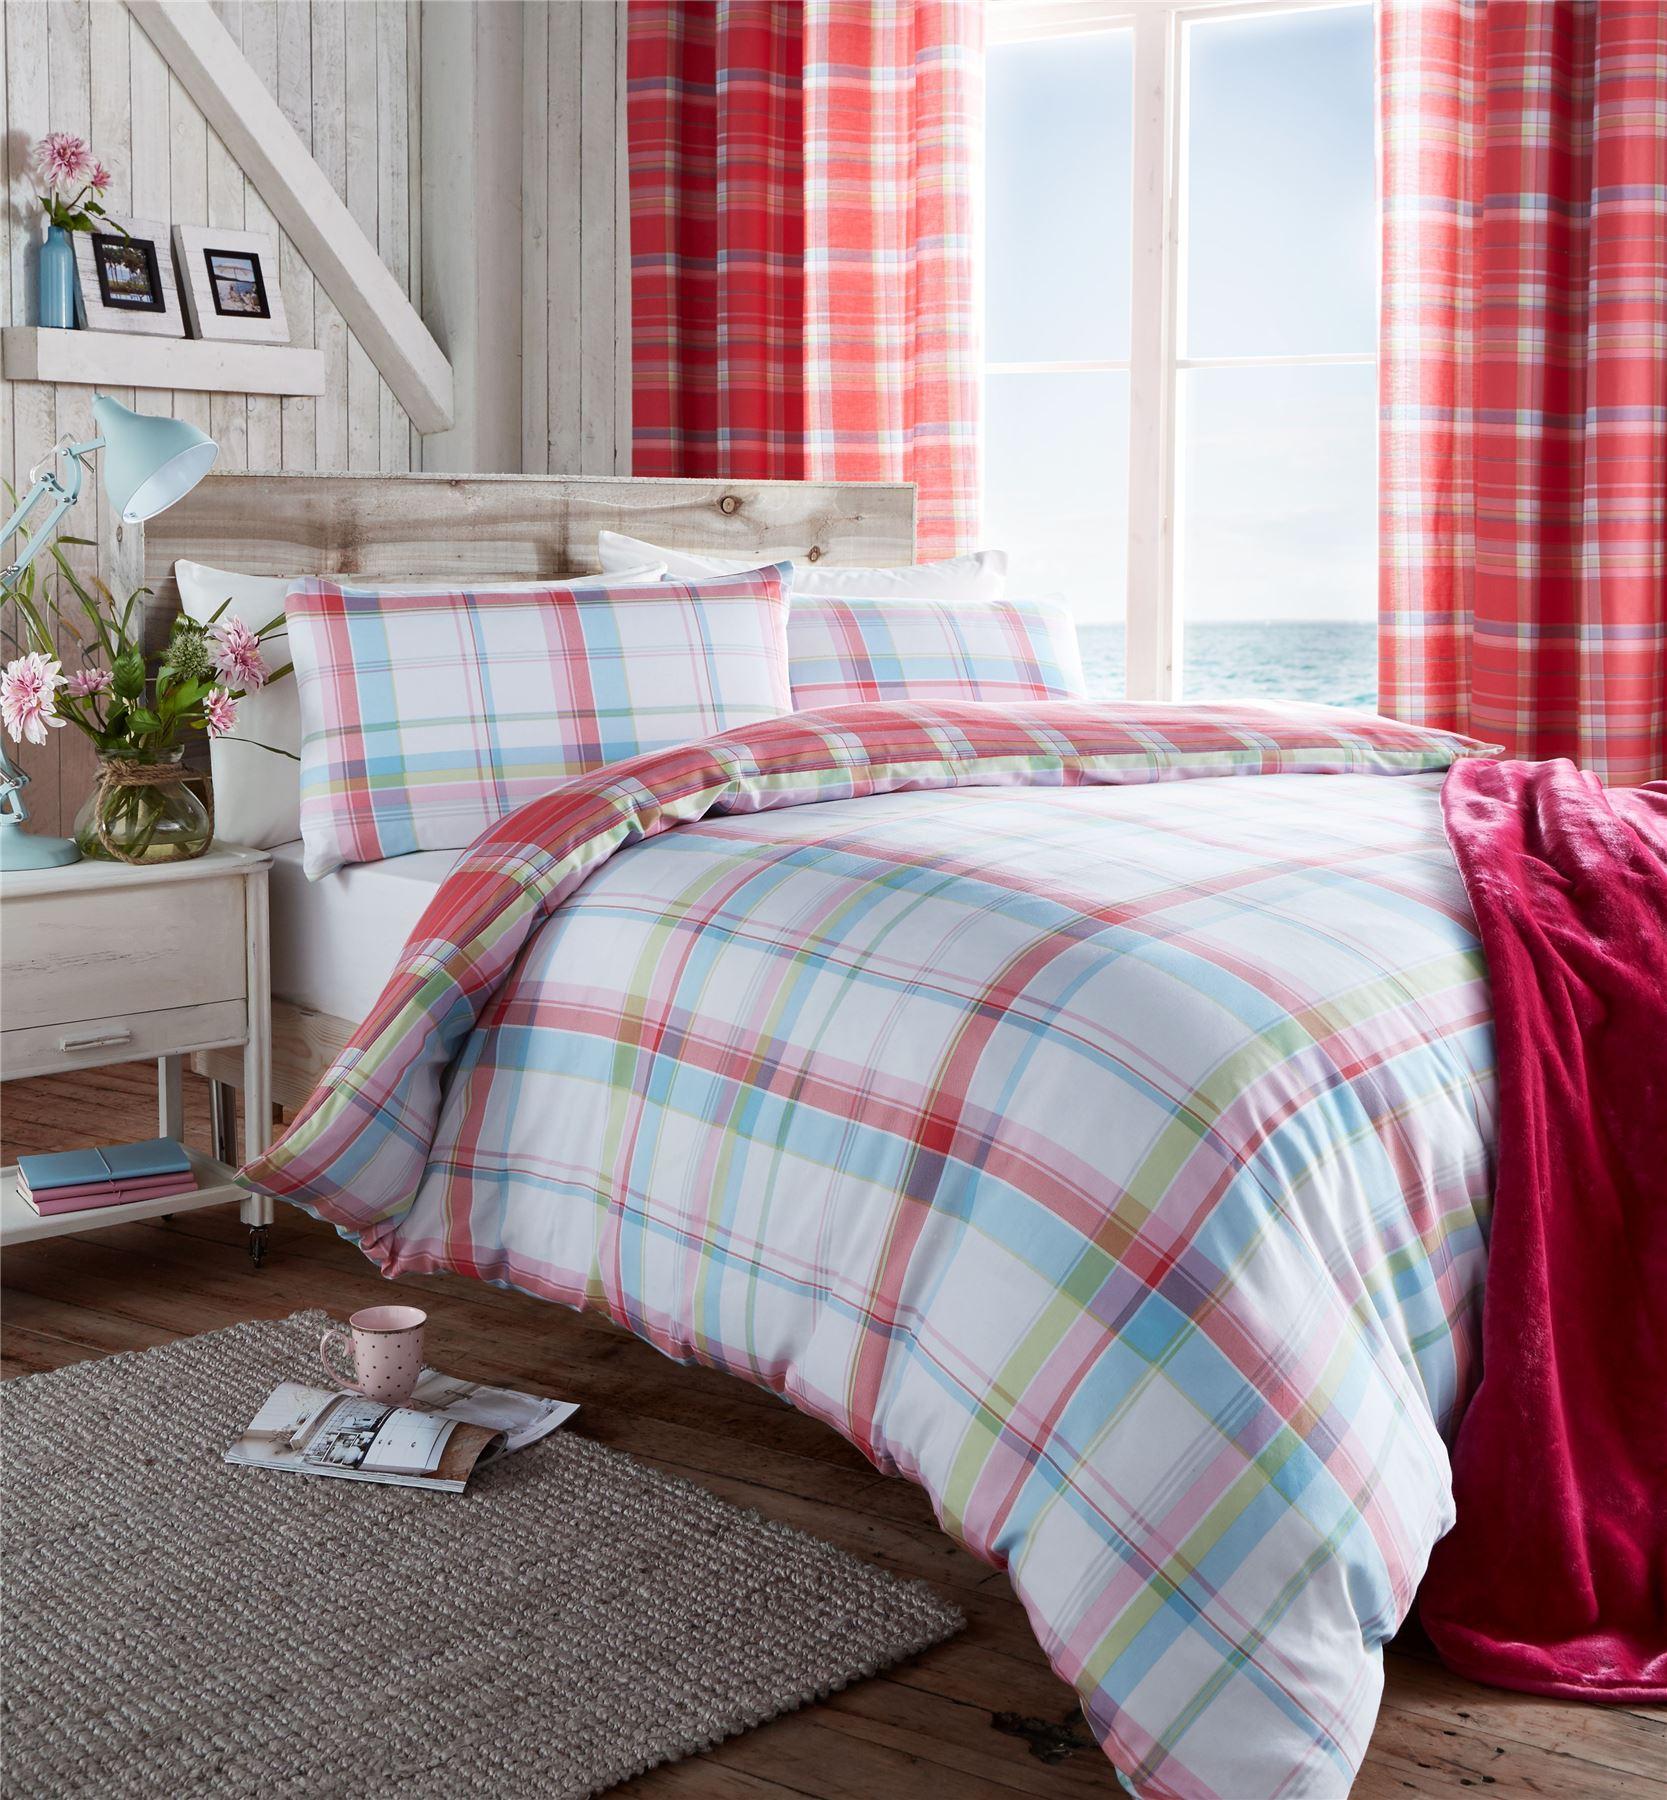 Checked & Striped Quilt Duvet Cover & Pillowcase Bedding Sets ... : tartan quilt - Adamdwight.com